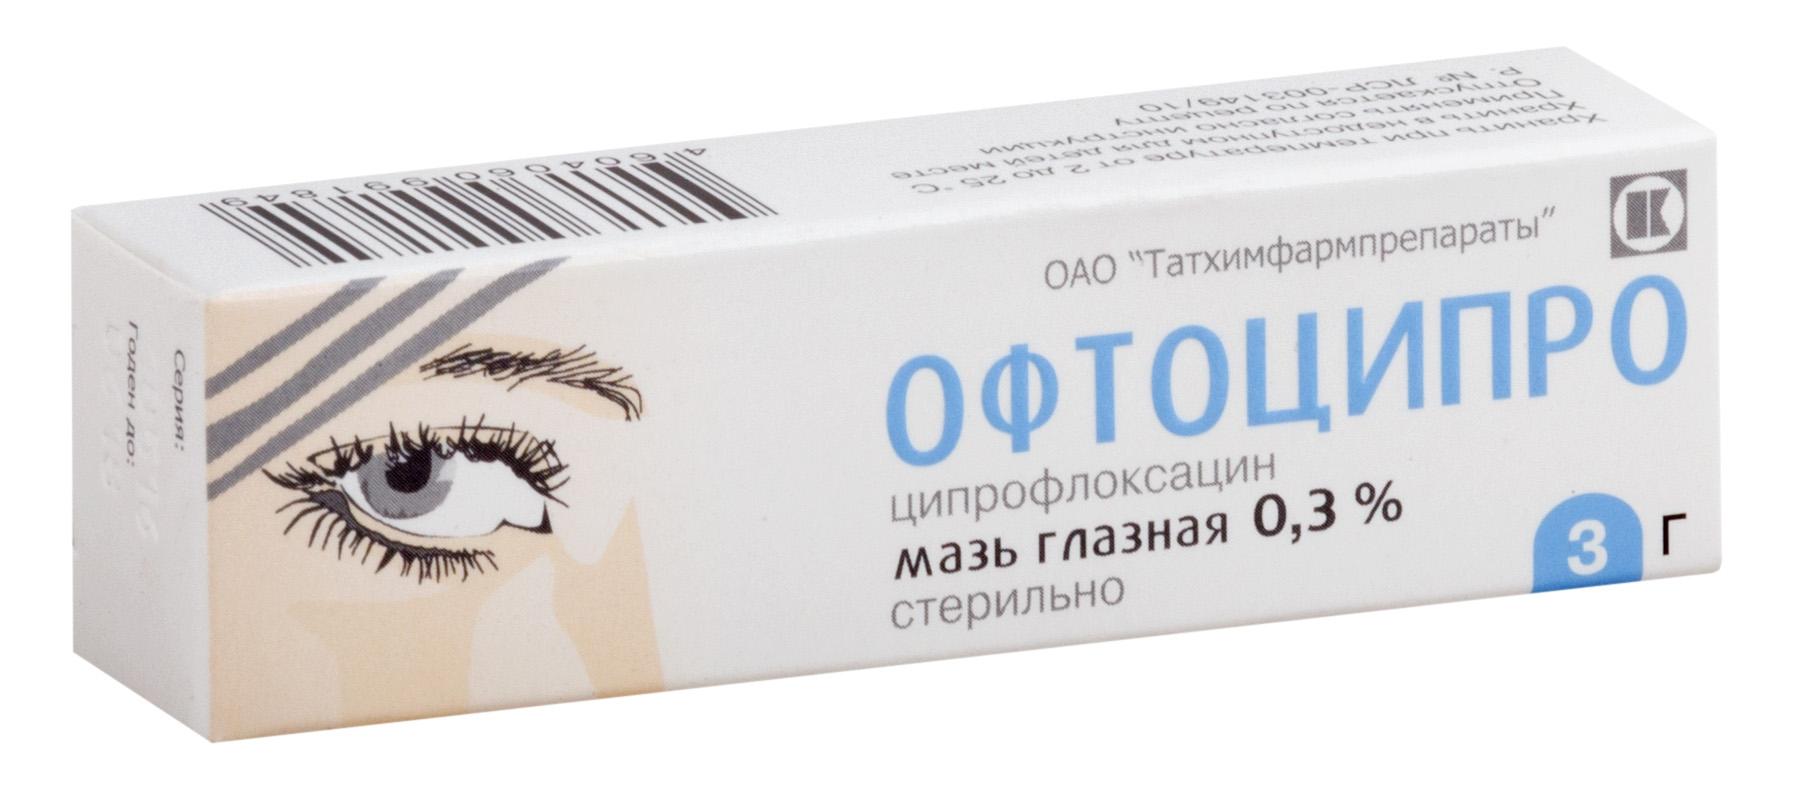 Офтоципро мазь глазн. 0,3% 3г